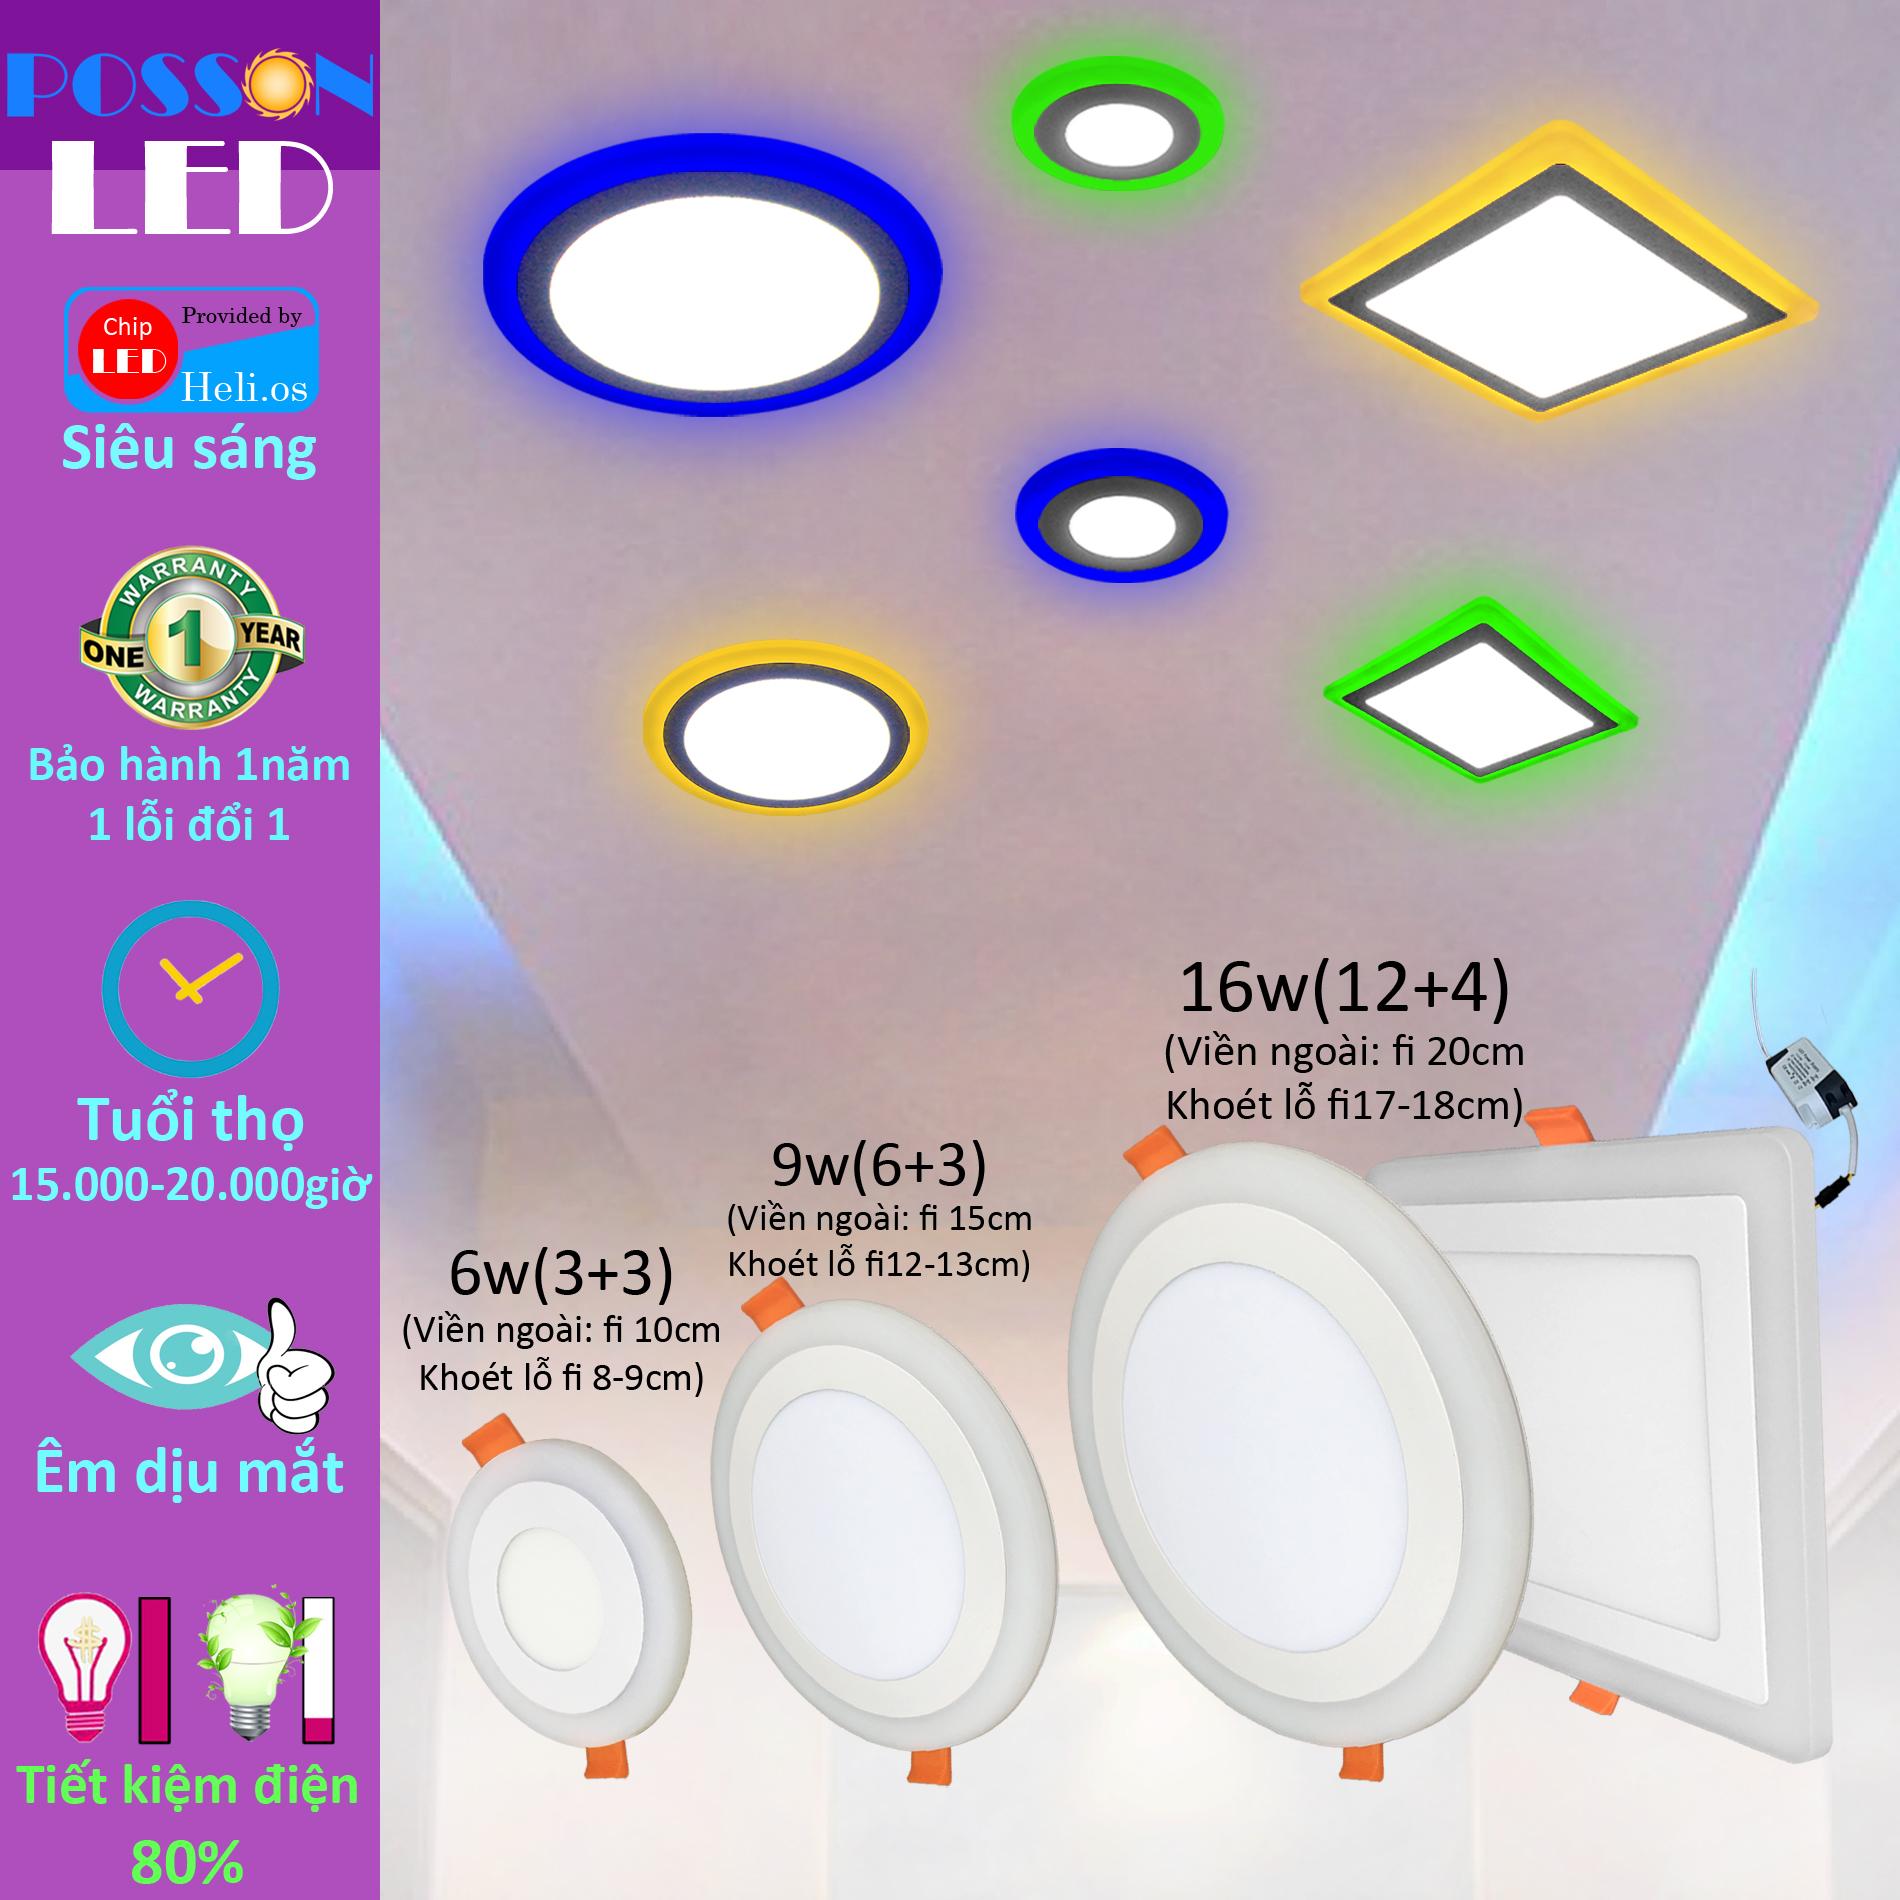 2 Đèn Led âm trần 9w ( 6w +3w) siêu mỏng tròn 2 màu 3 chế độ Posson  LP-Ri6+3x